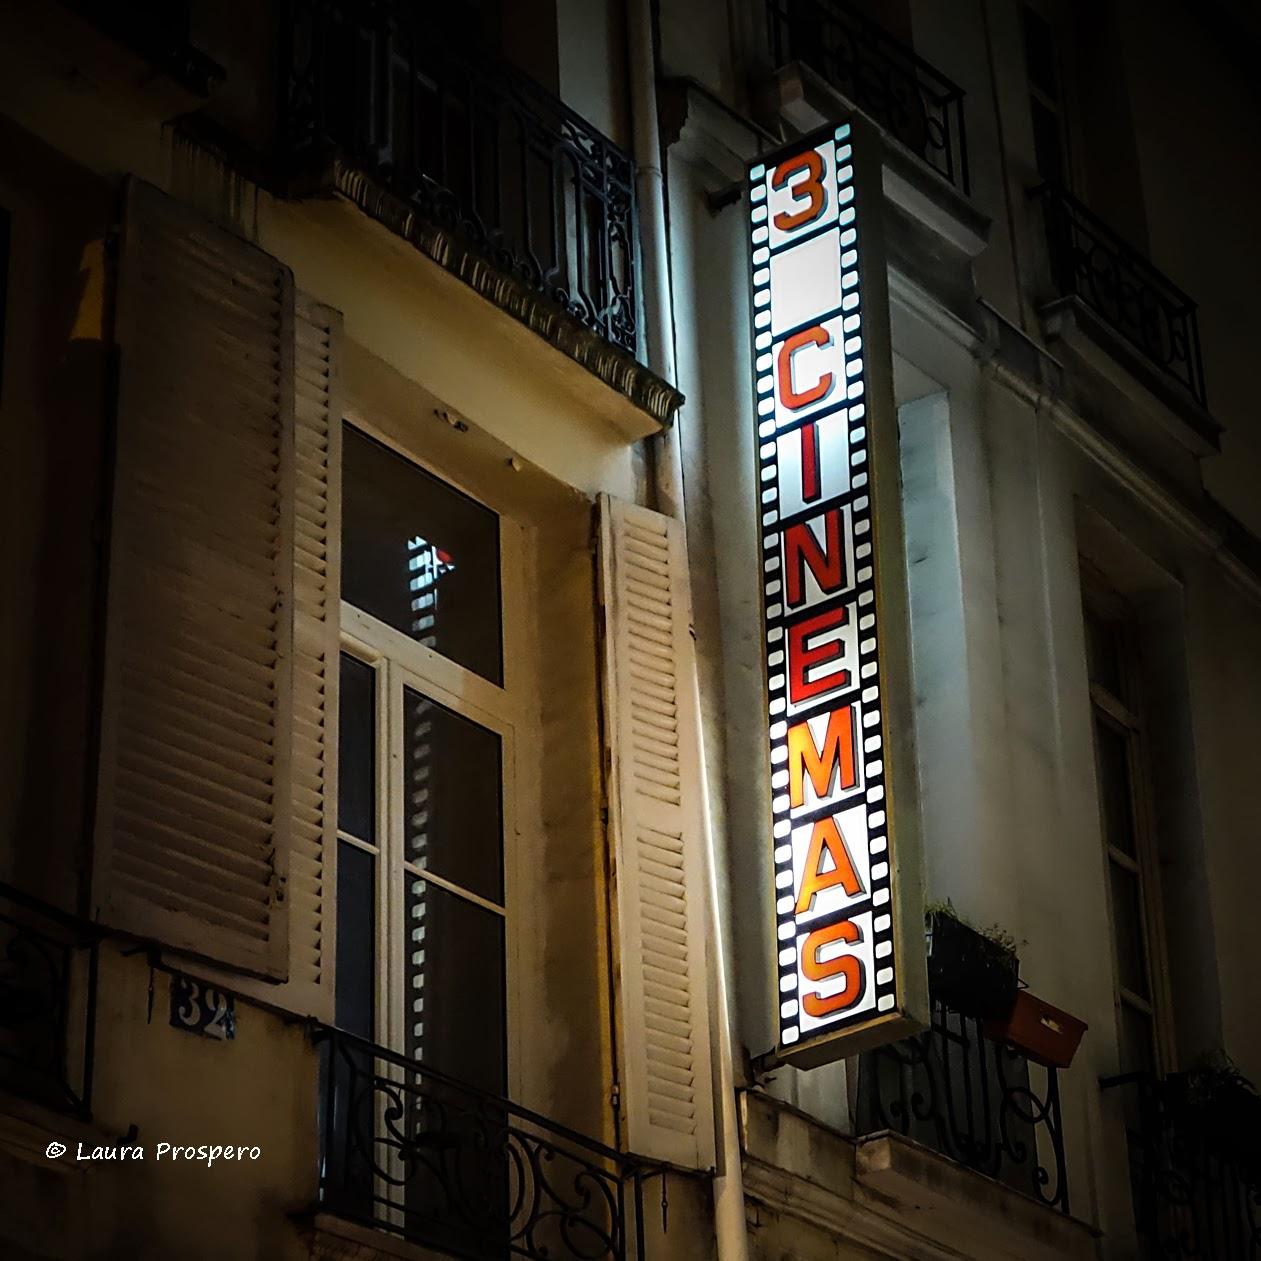 3 cinémas © Laura Prospero